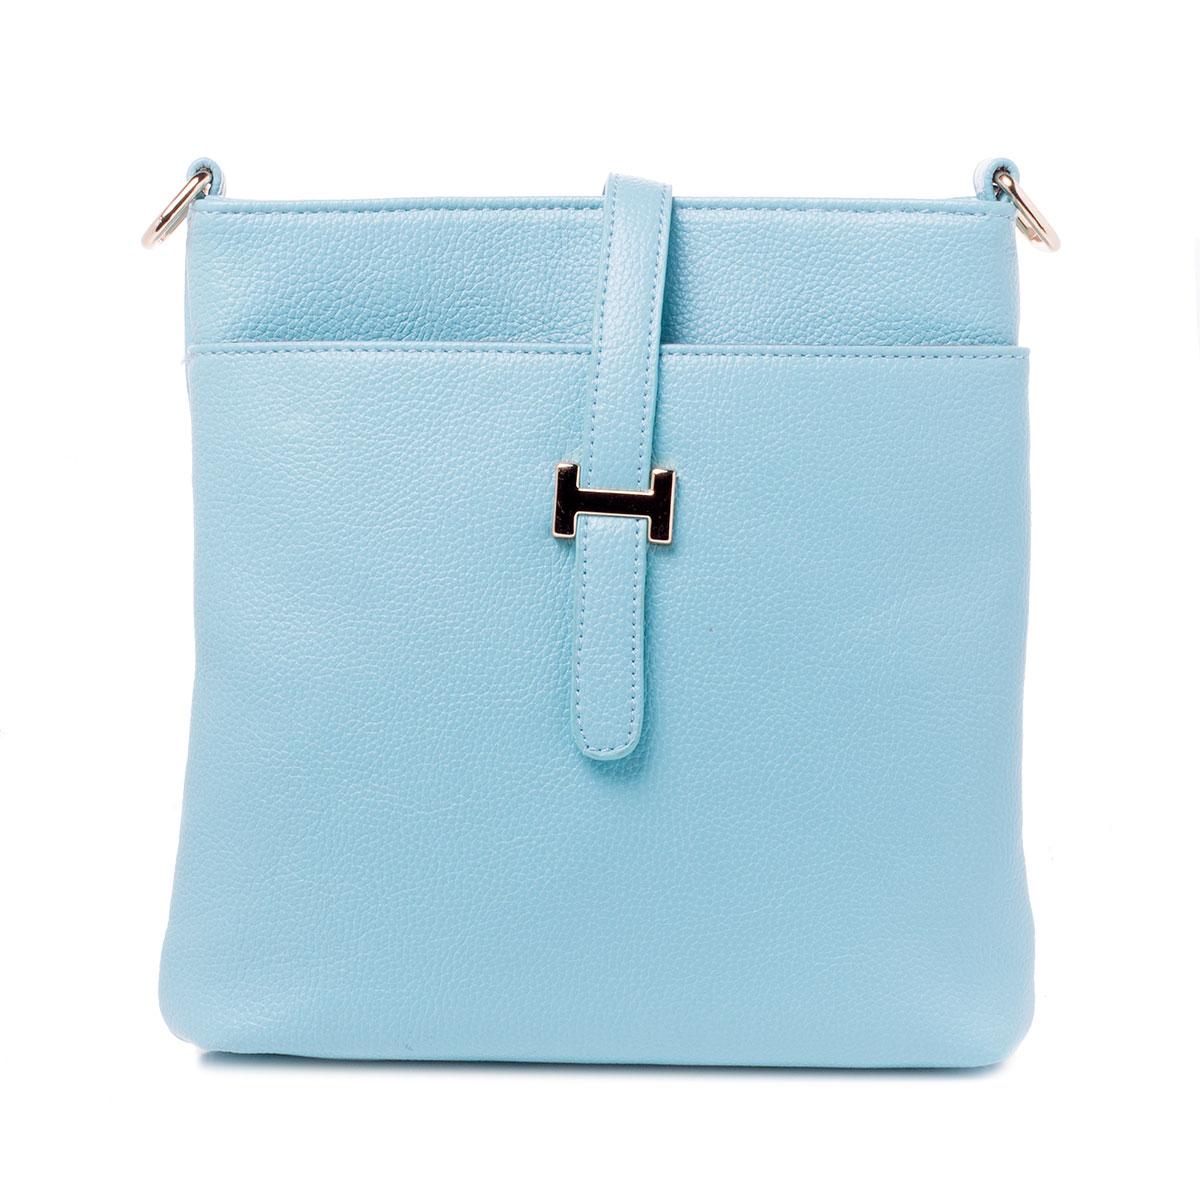 Сумка женская Baggini, цвет: голубой, аква. 29788/4029788/40Сумка жен., иск. кожа